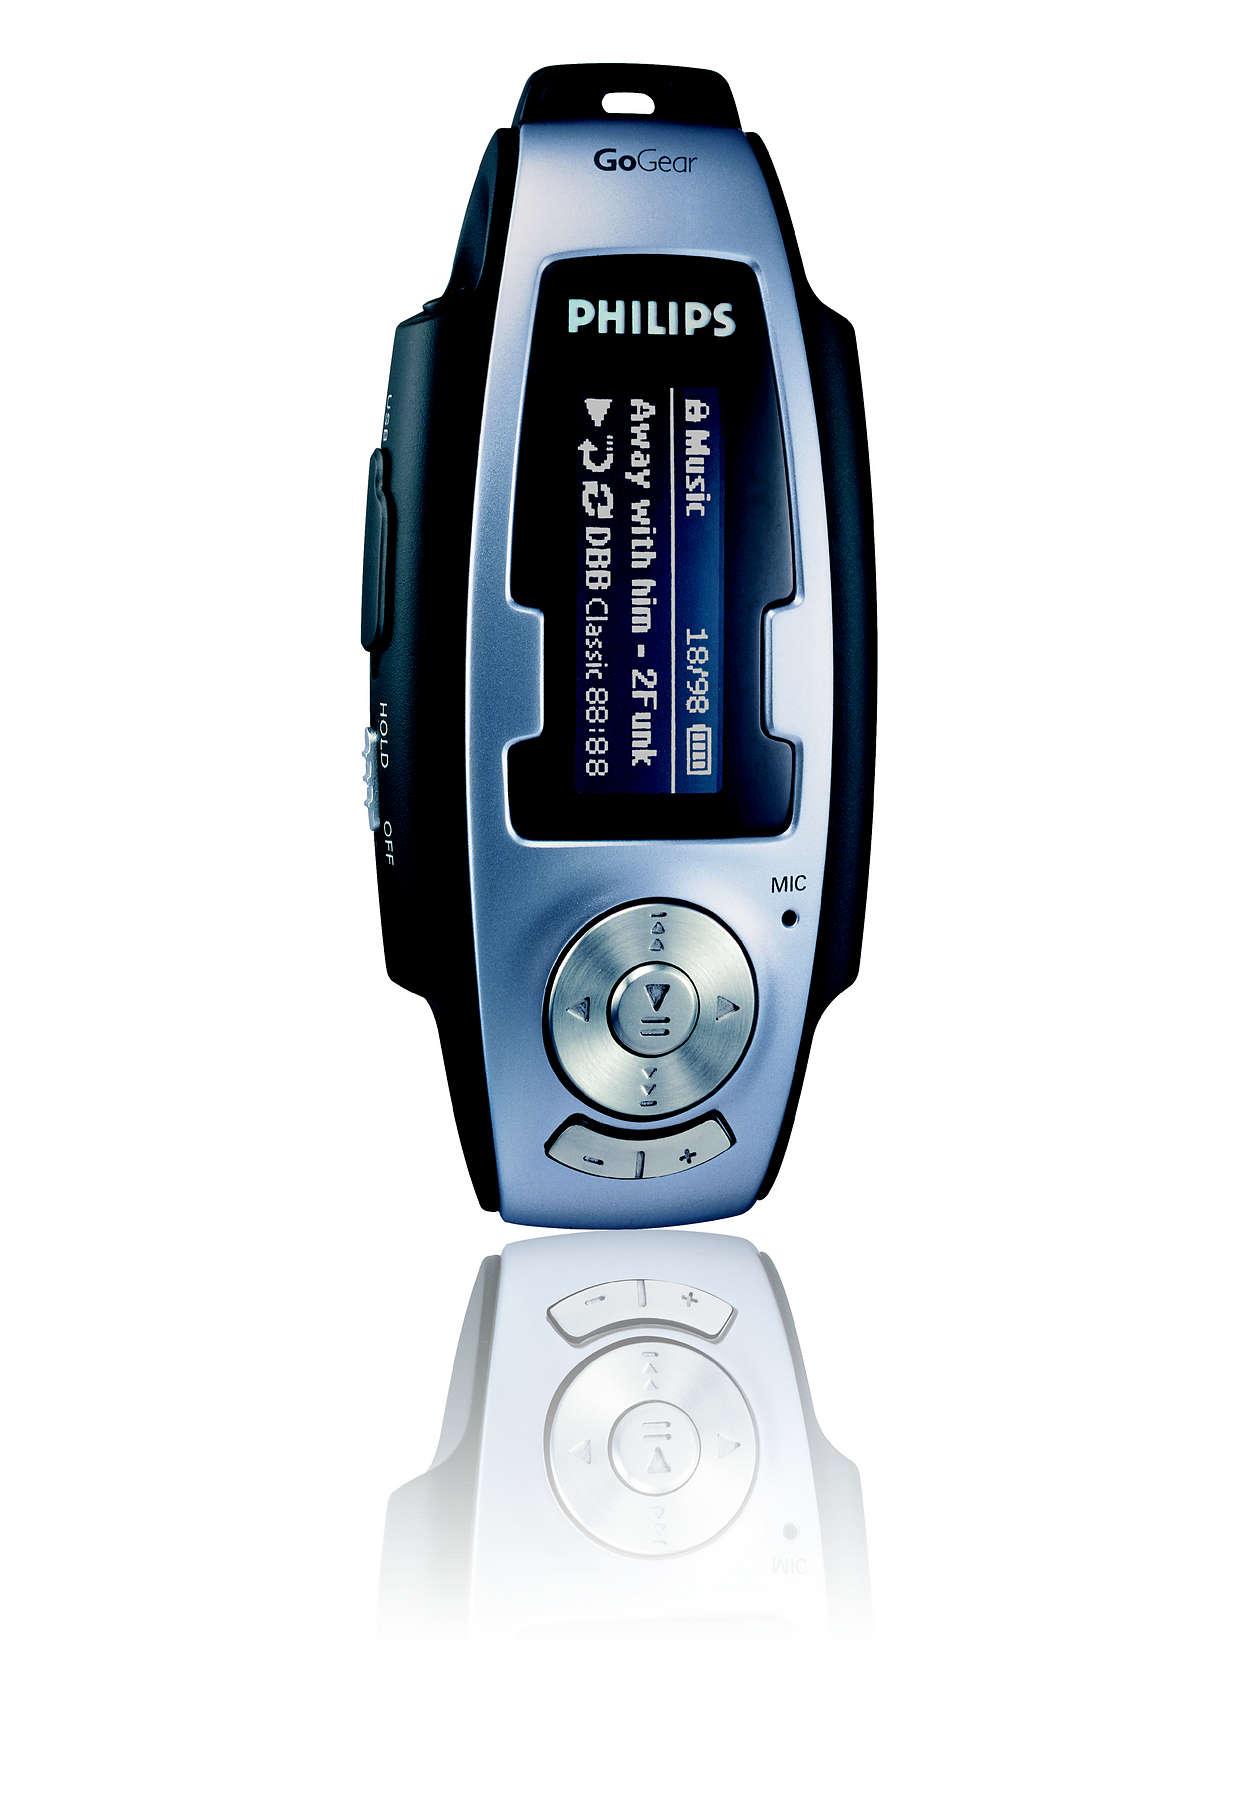 Pronto a utilizar com MP3 e WMA